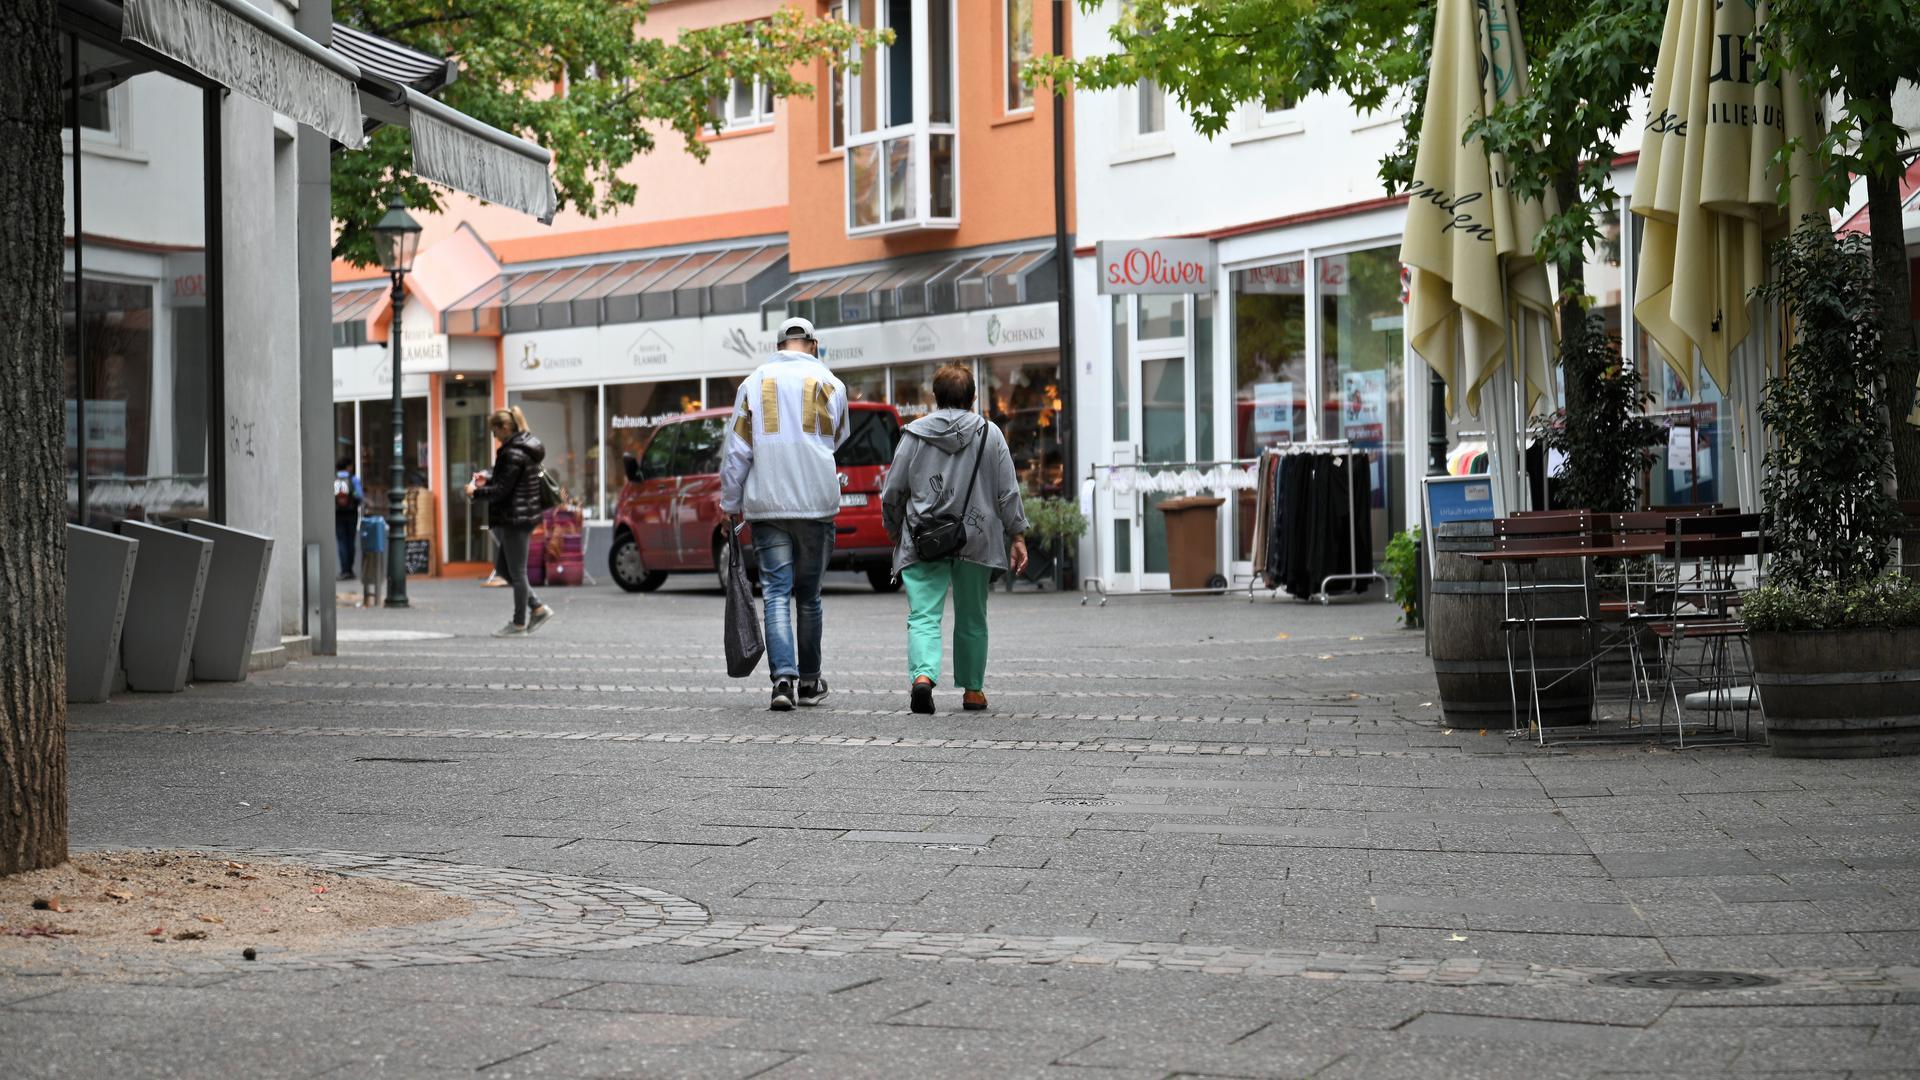 Ein wenig holprig: Die Bühler Fußgängerzone in der Schwanenstraße ist mehr als drei Jahrzehnte alt und sanierungsreif.